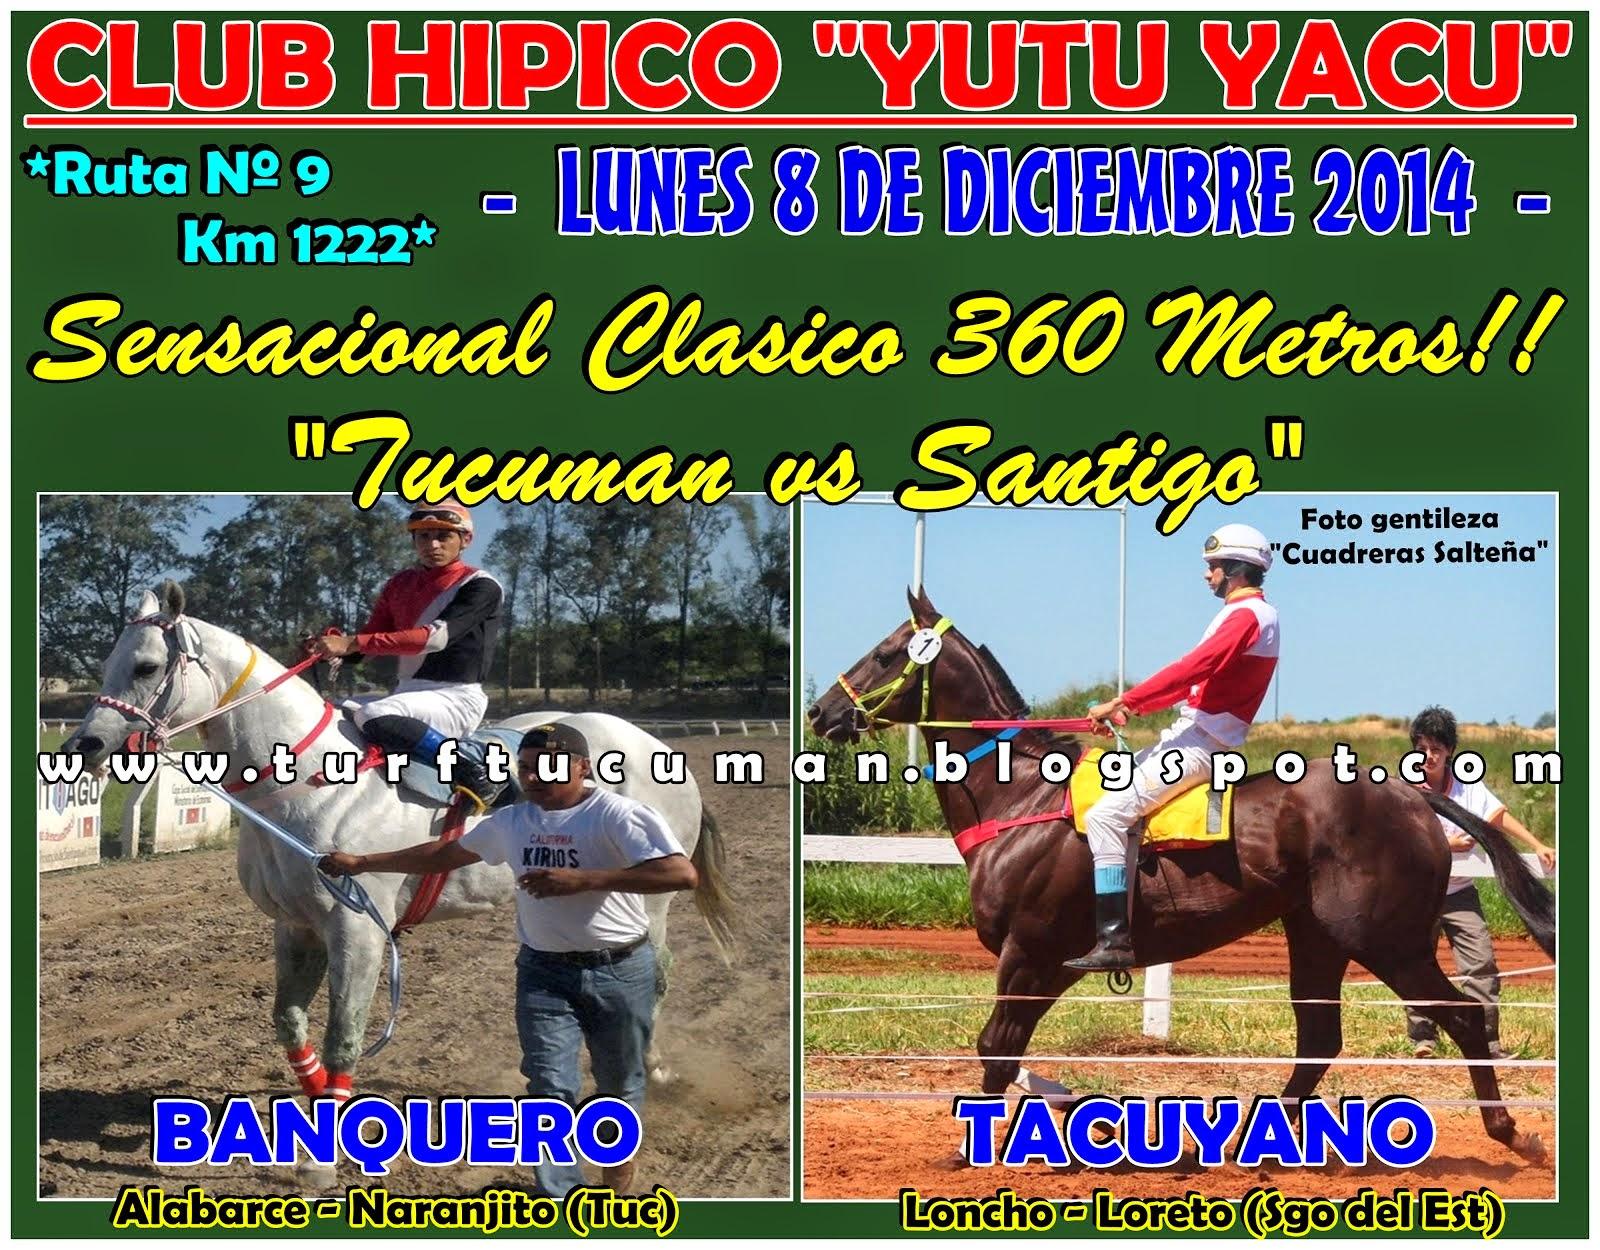 BANQUERO VS TACUYANO